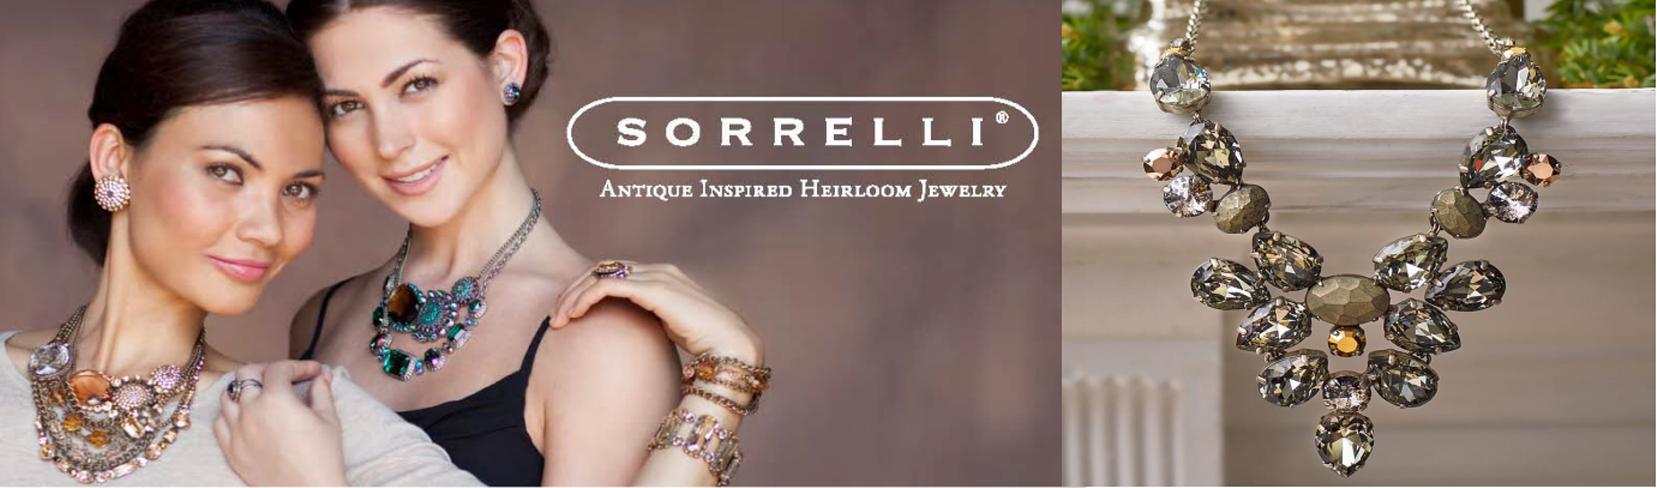 sorrelli 12.png